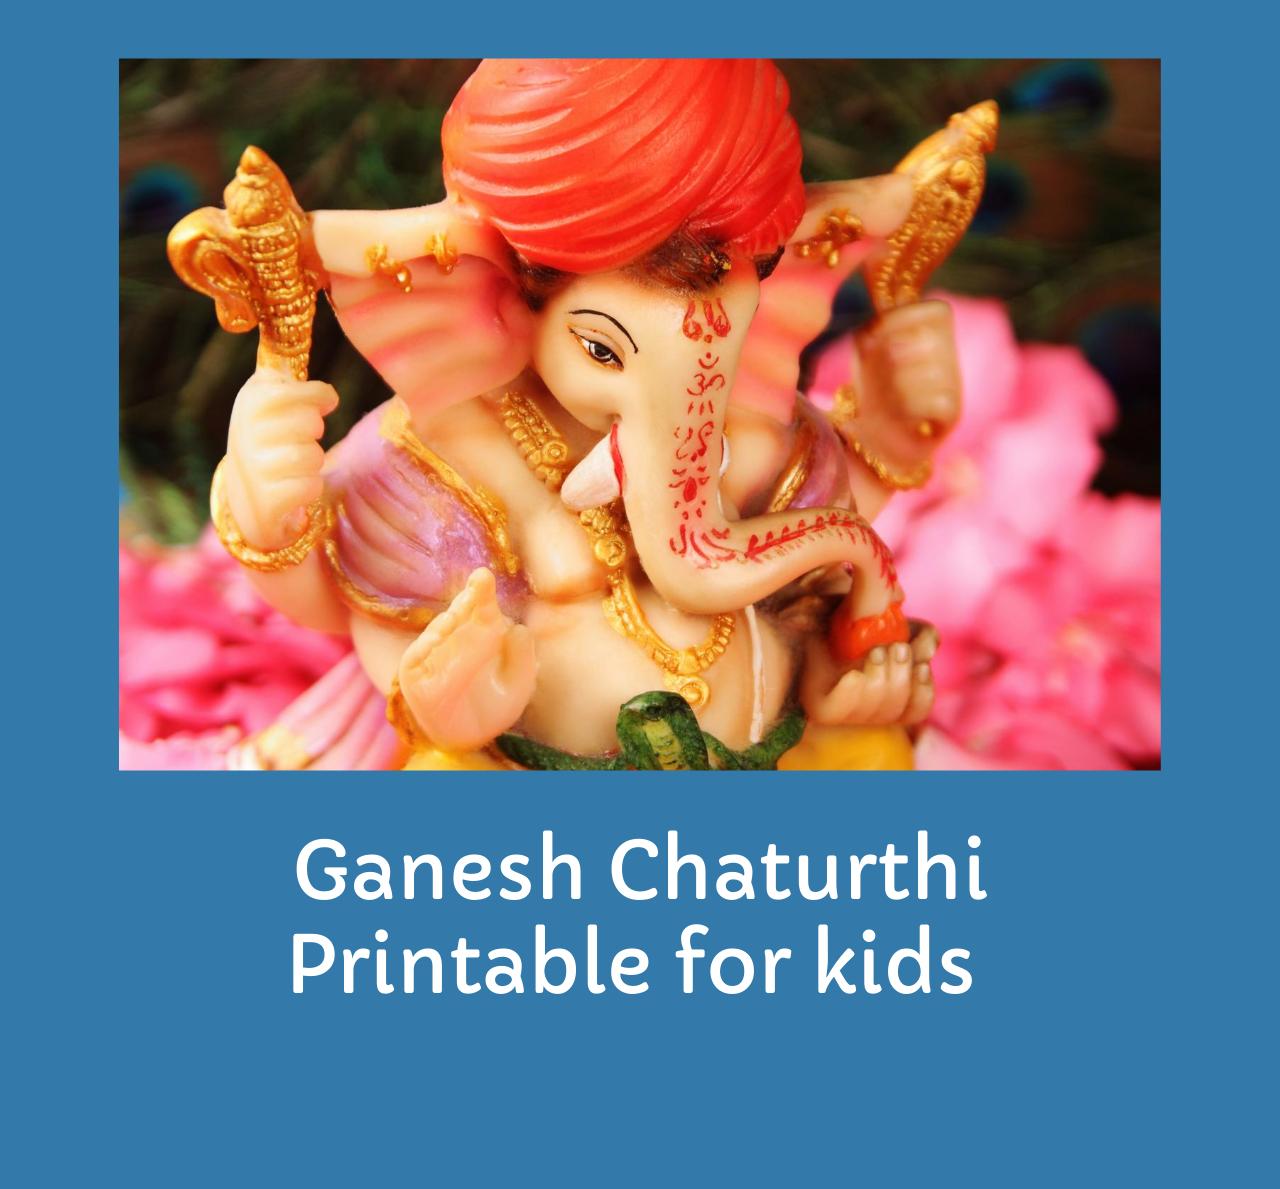 Ganesh Chaturthi Printable for kids